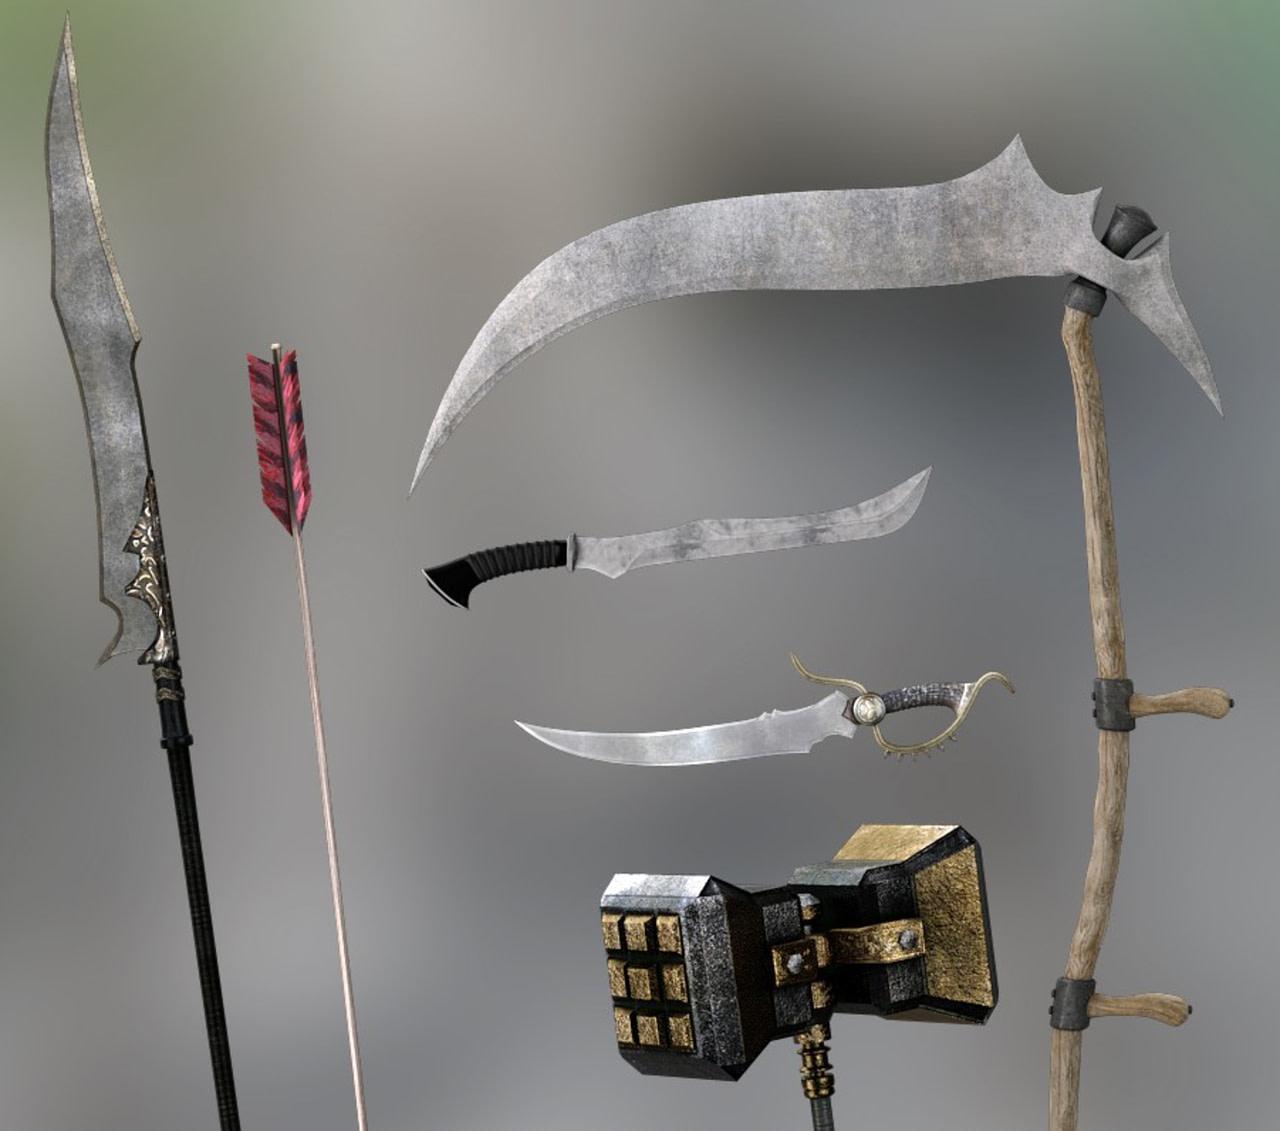 3d rendering of medieval weapons